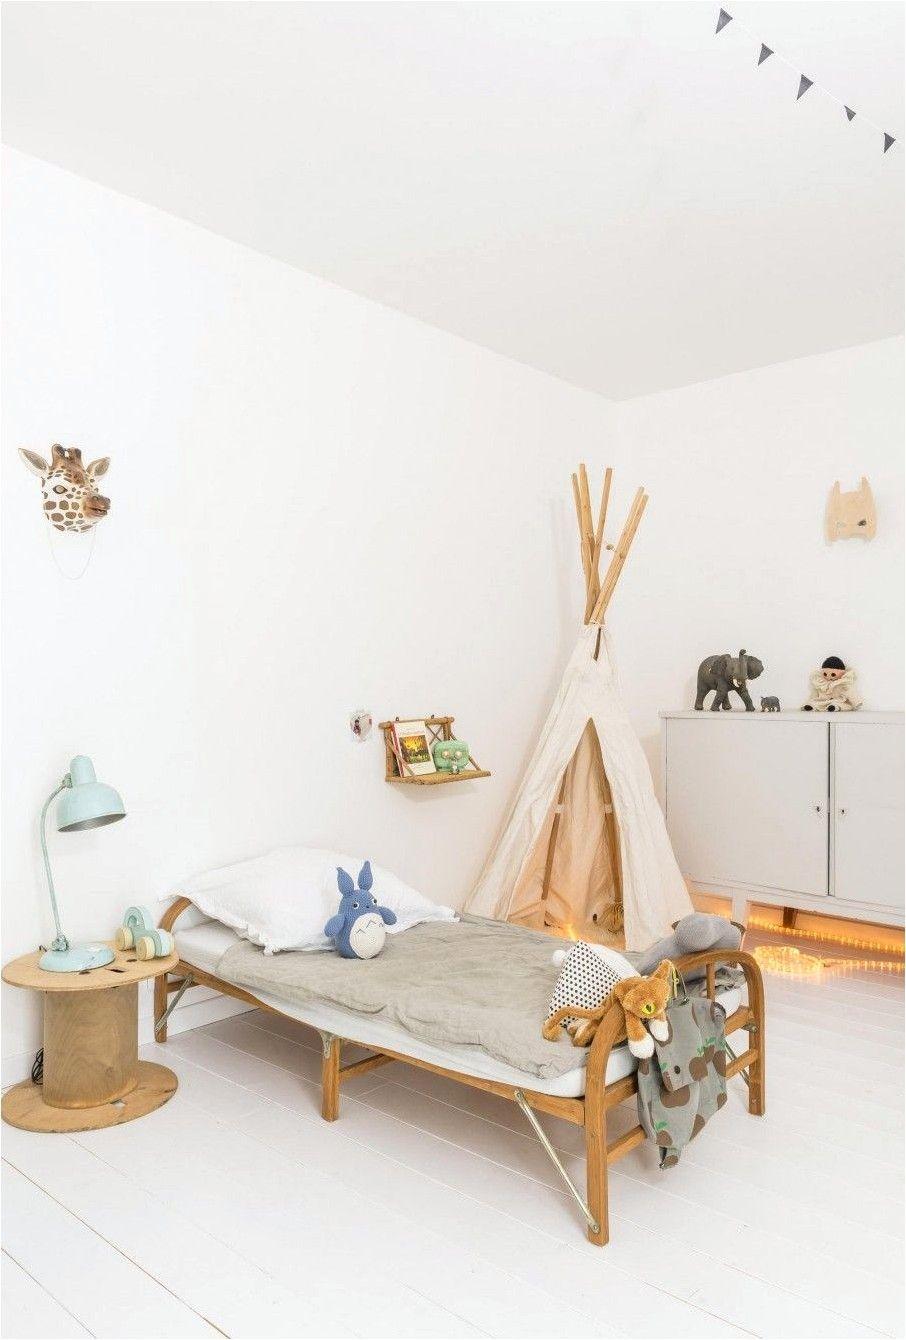 Deco Chambre Maison Bord De Mer In 2020 Kids Room Inspiration